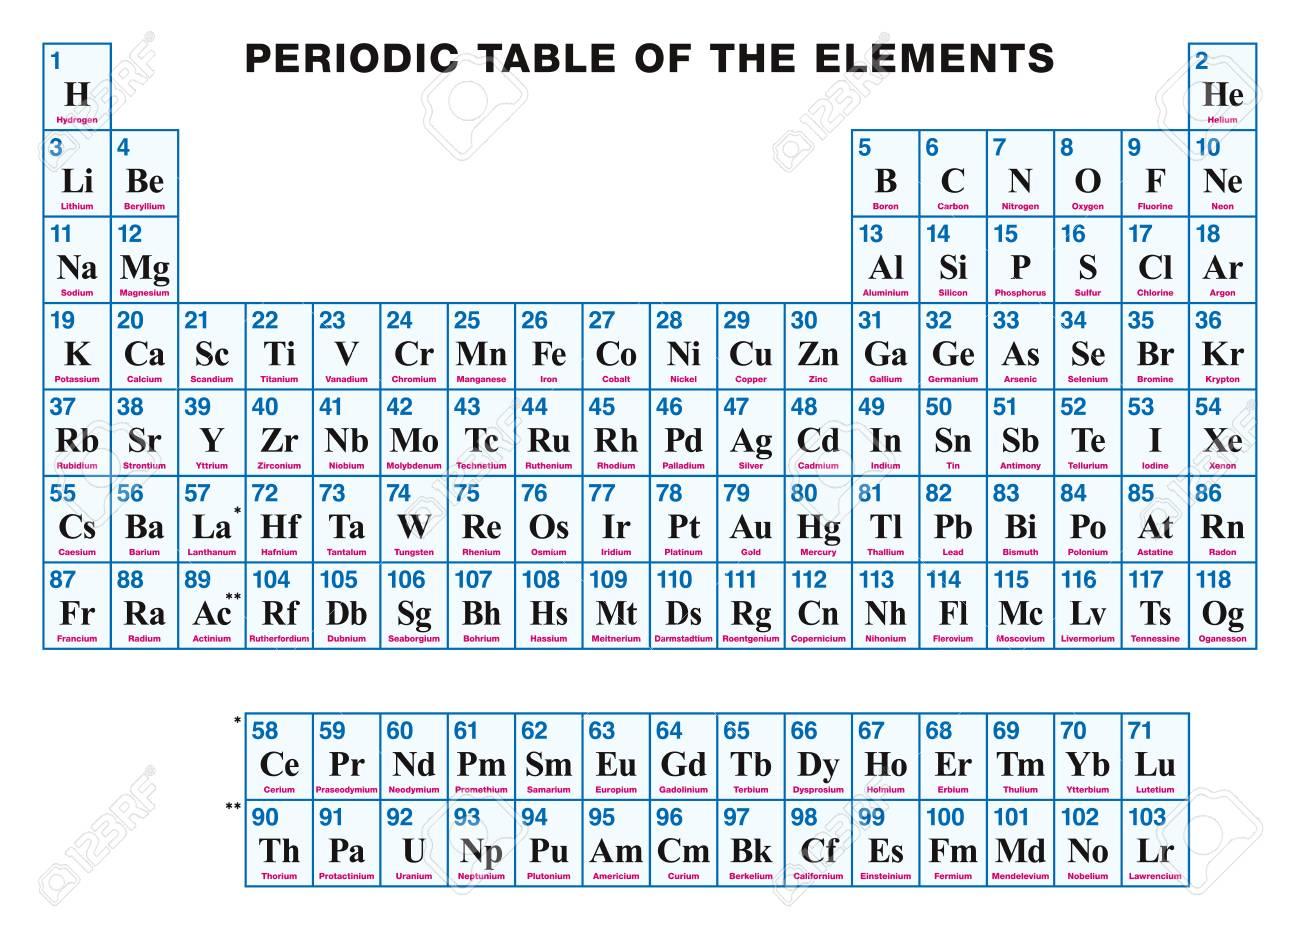 Tabla peridica de los elementos ingls arreglo tabular de los foto de archivo tabla peridica de los elementos ingls arreglo tabular de los elementos qumicos con sus nmeros atmicos smbolos y nombres urtaz Images